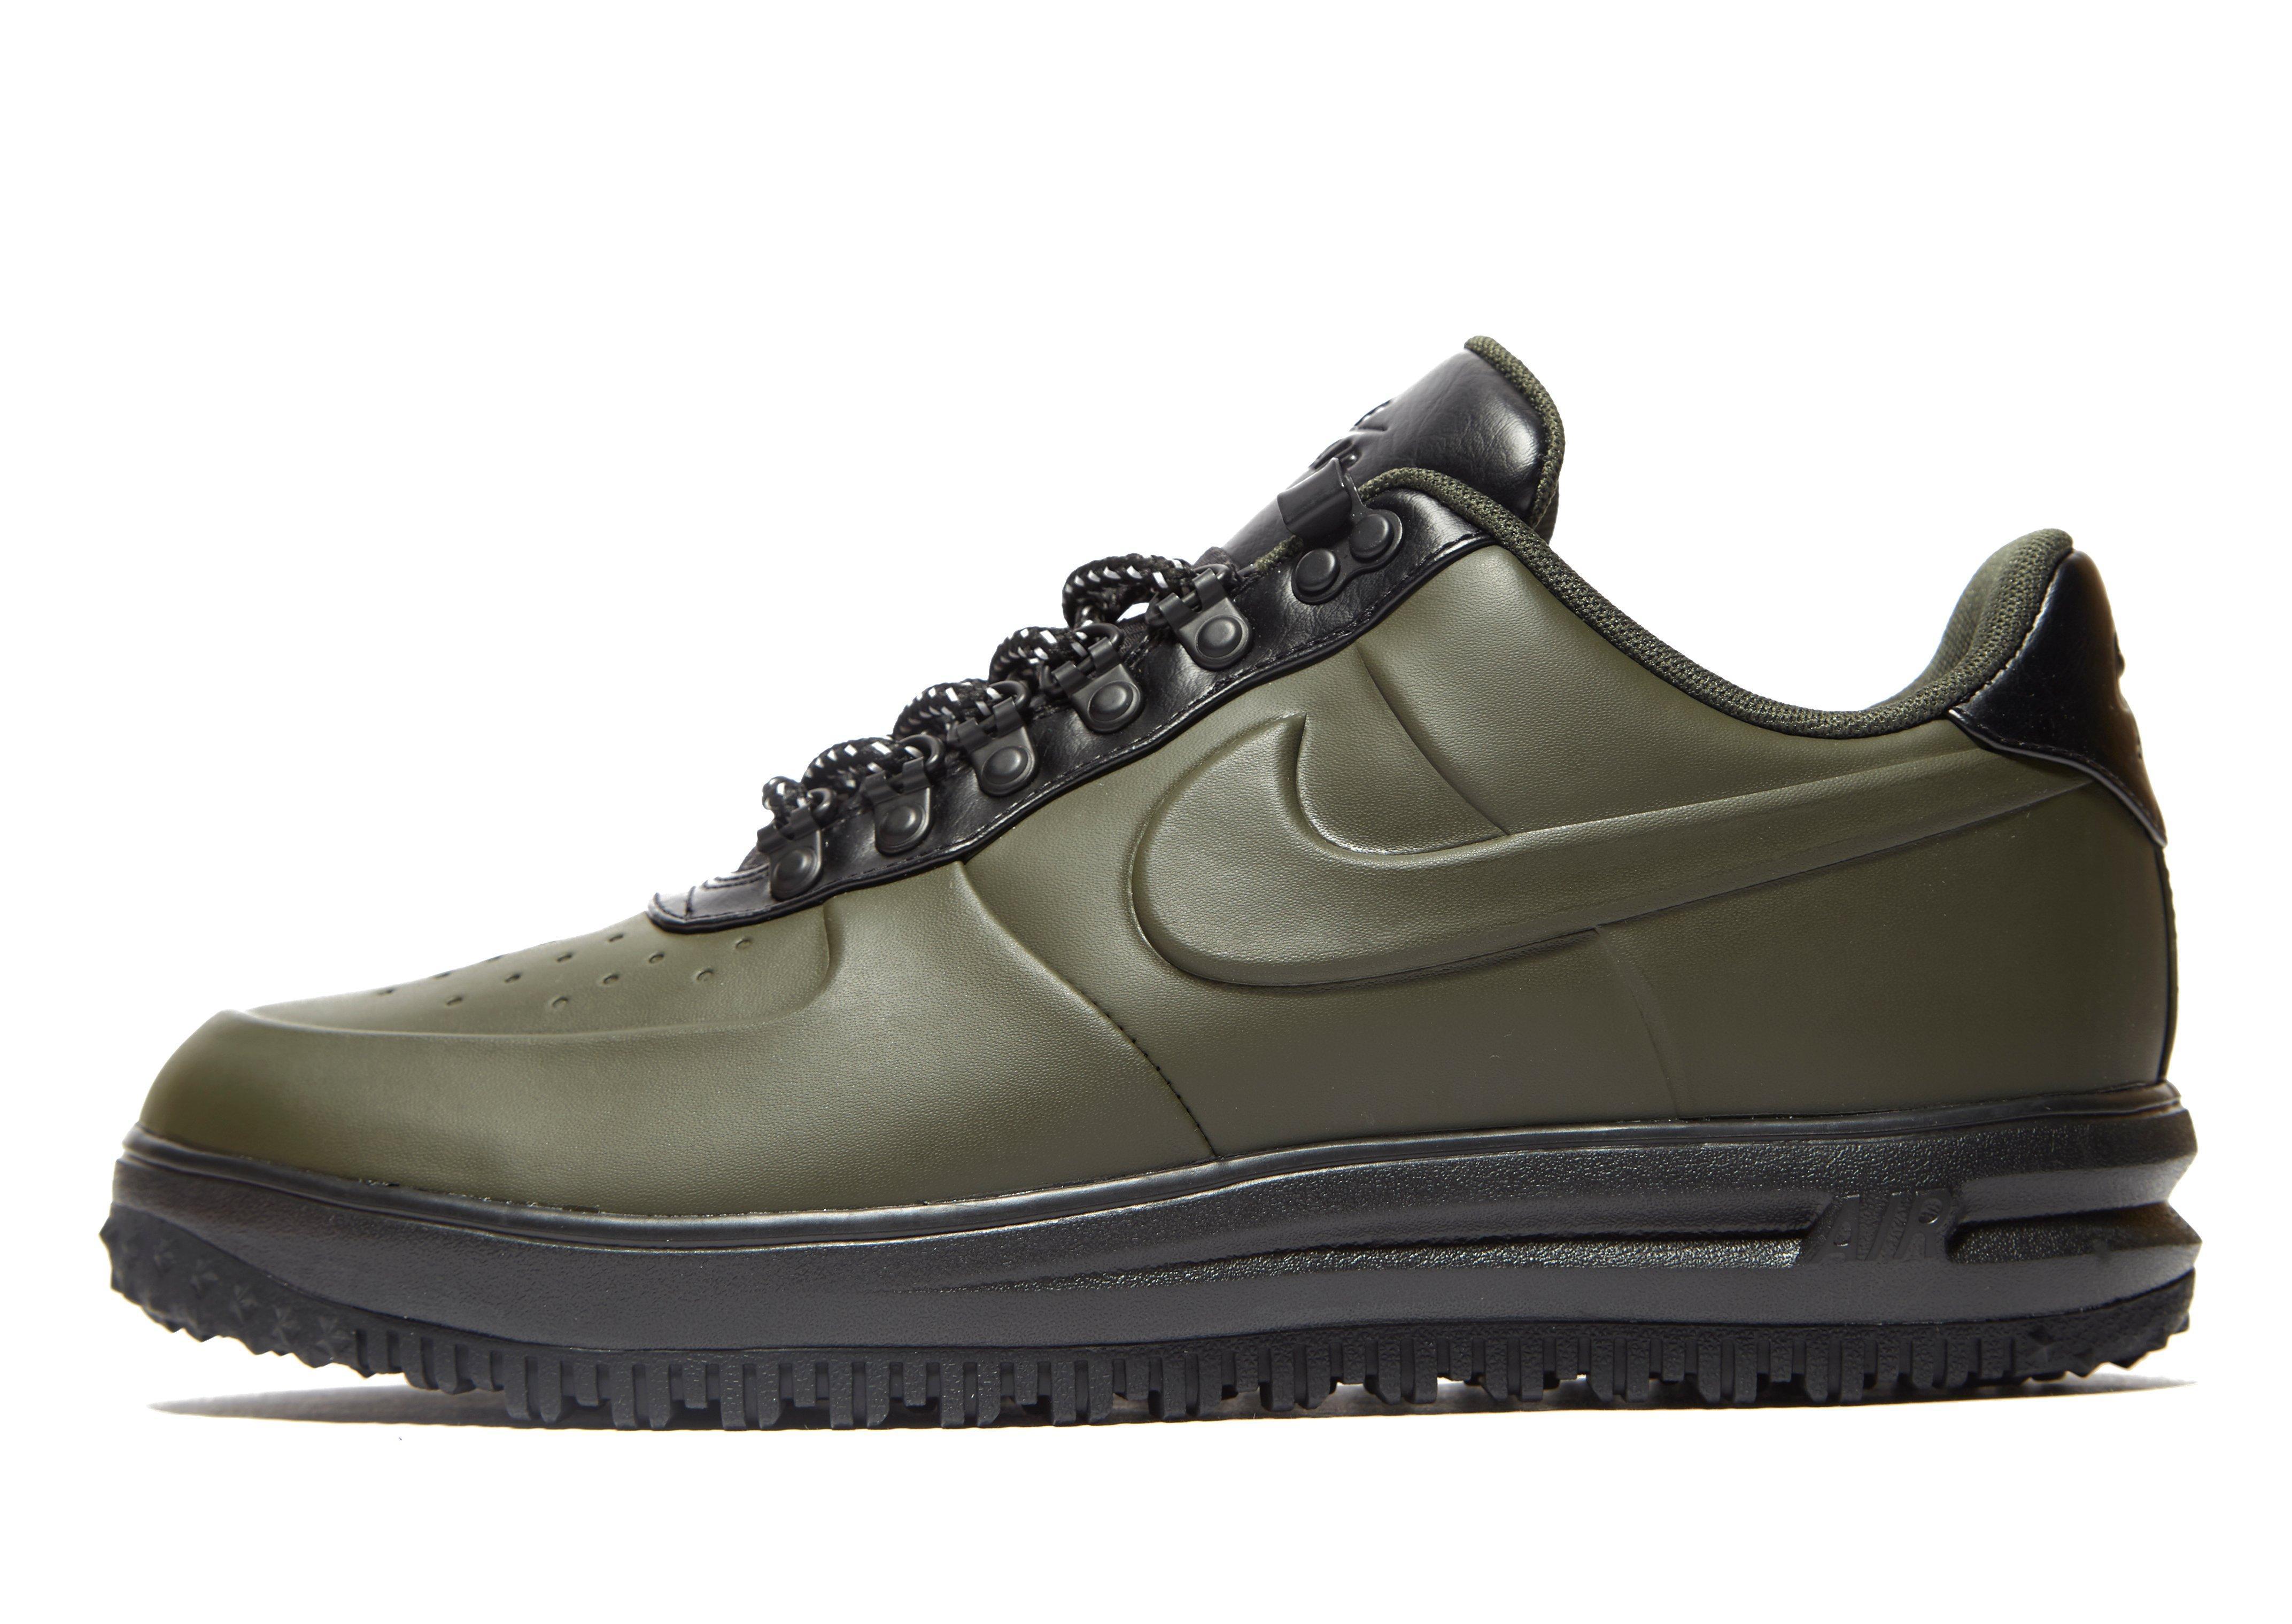 Lyst Nike Lunar Force 1 Duckboot Low in Green for Men